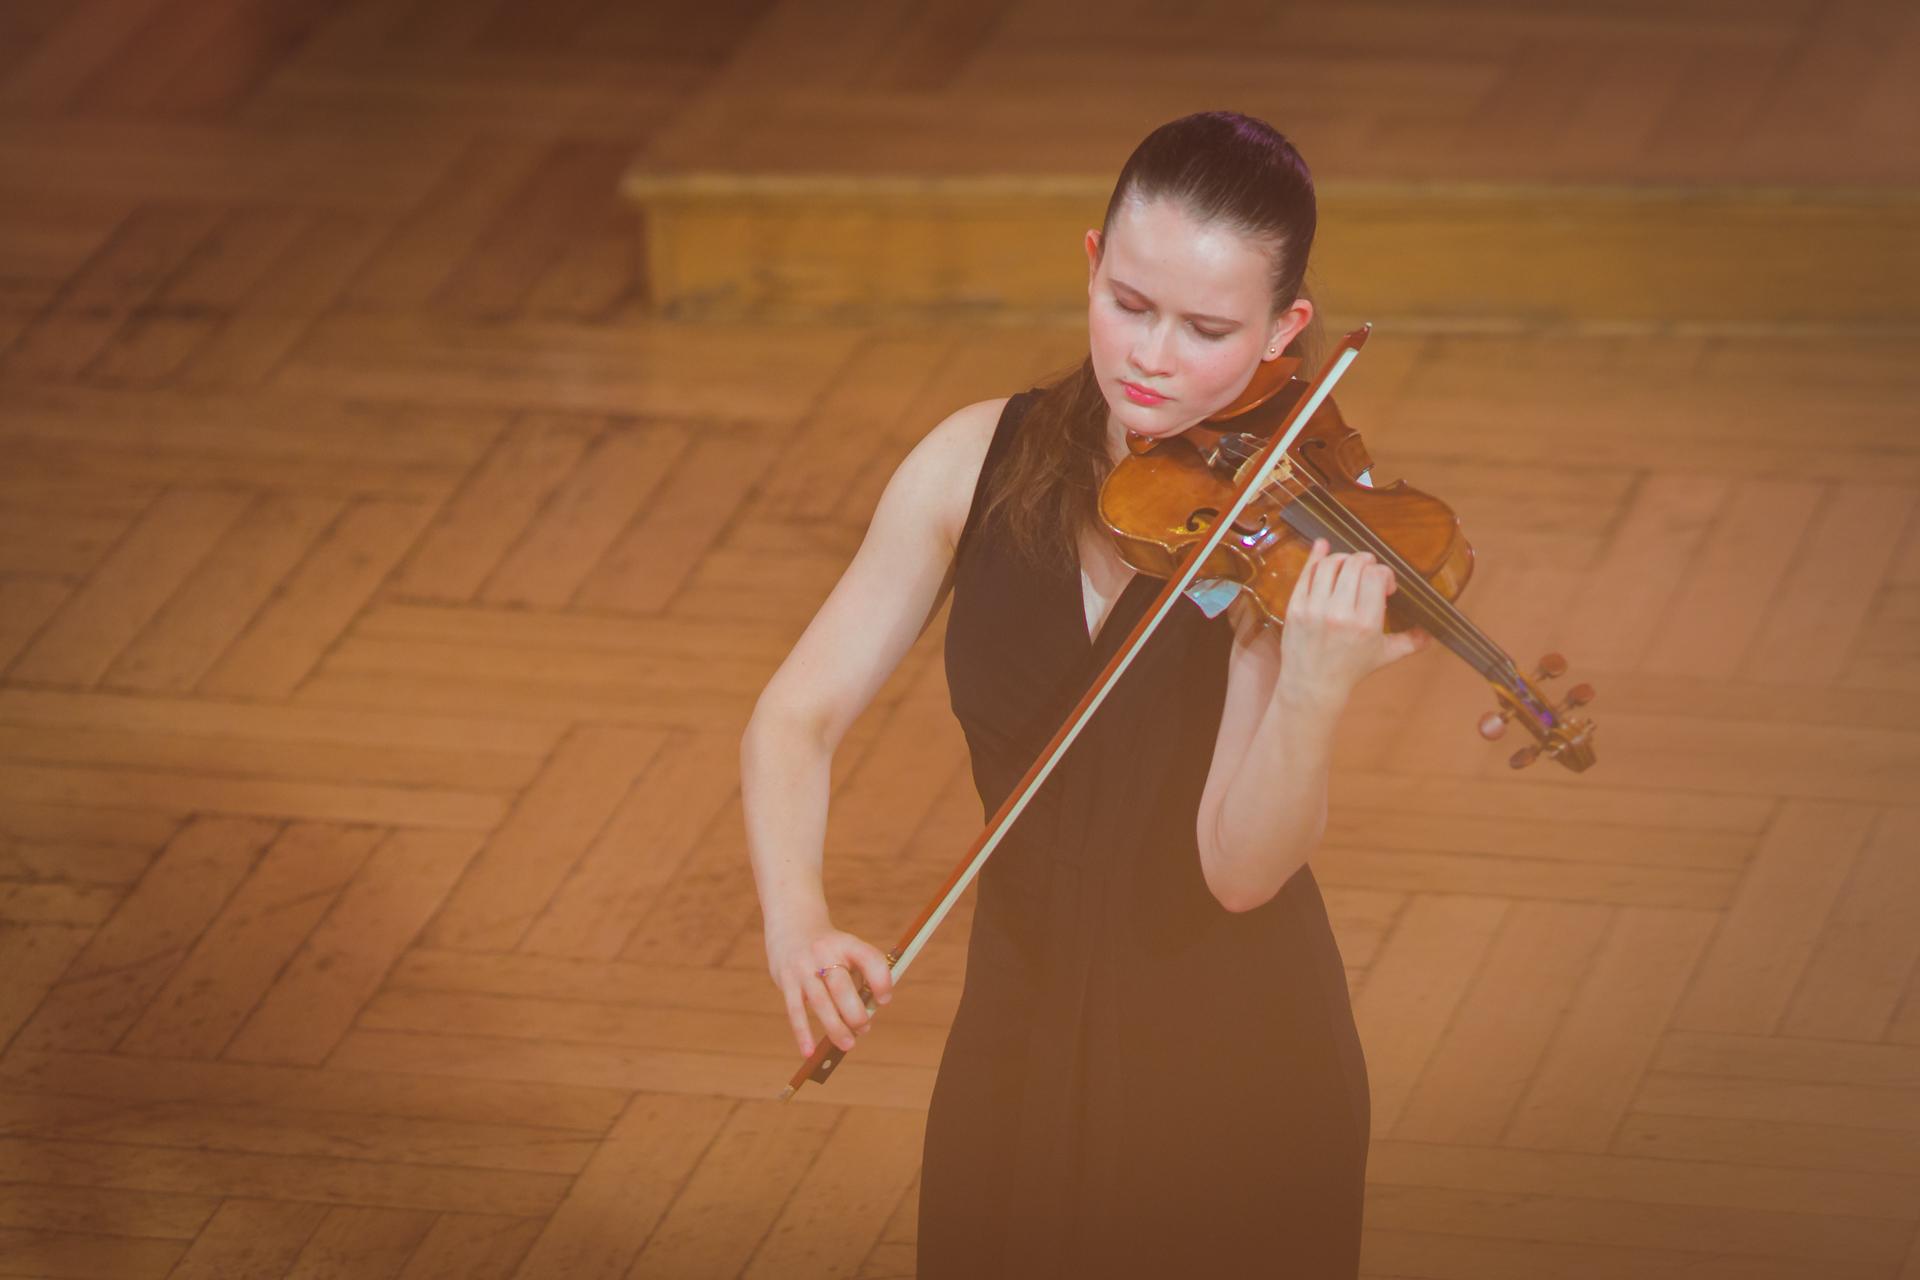 Maria Kouznetsova (Rosja/Francja) - Etap 1 - 15. Międzynarodowy Konkurs Skrzypcowy im. H. Wieniawskiego BINAURAL | na słuchawki